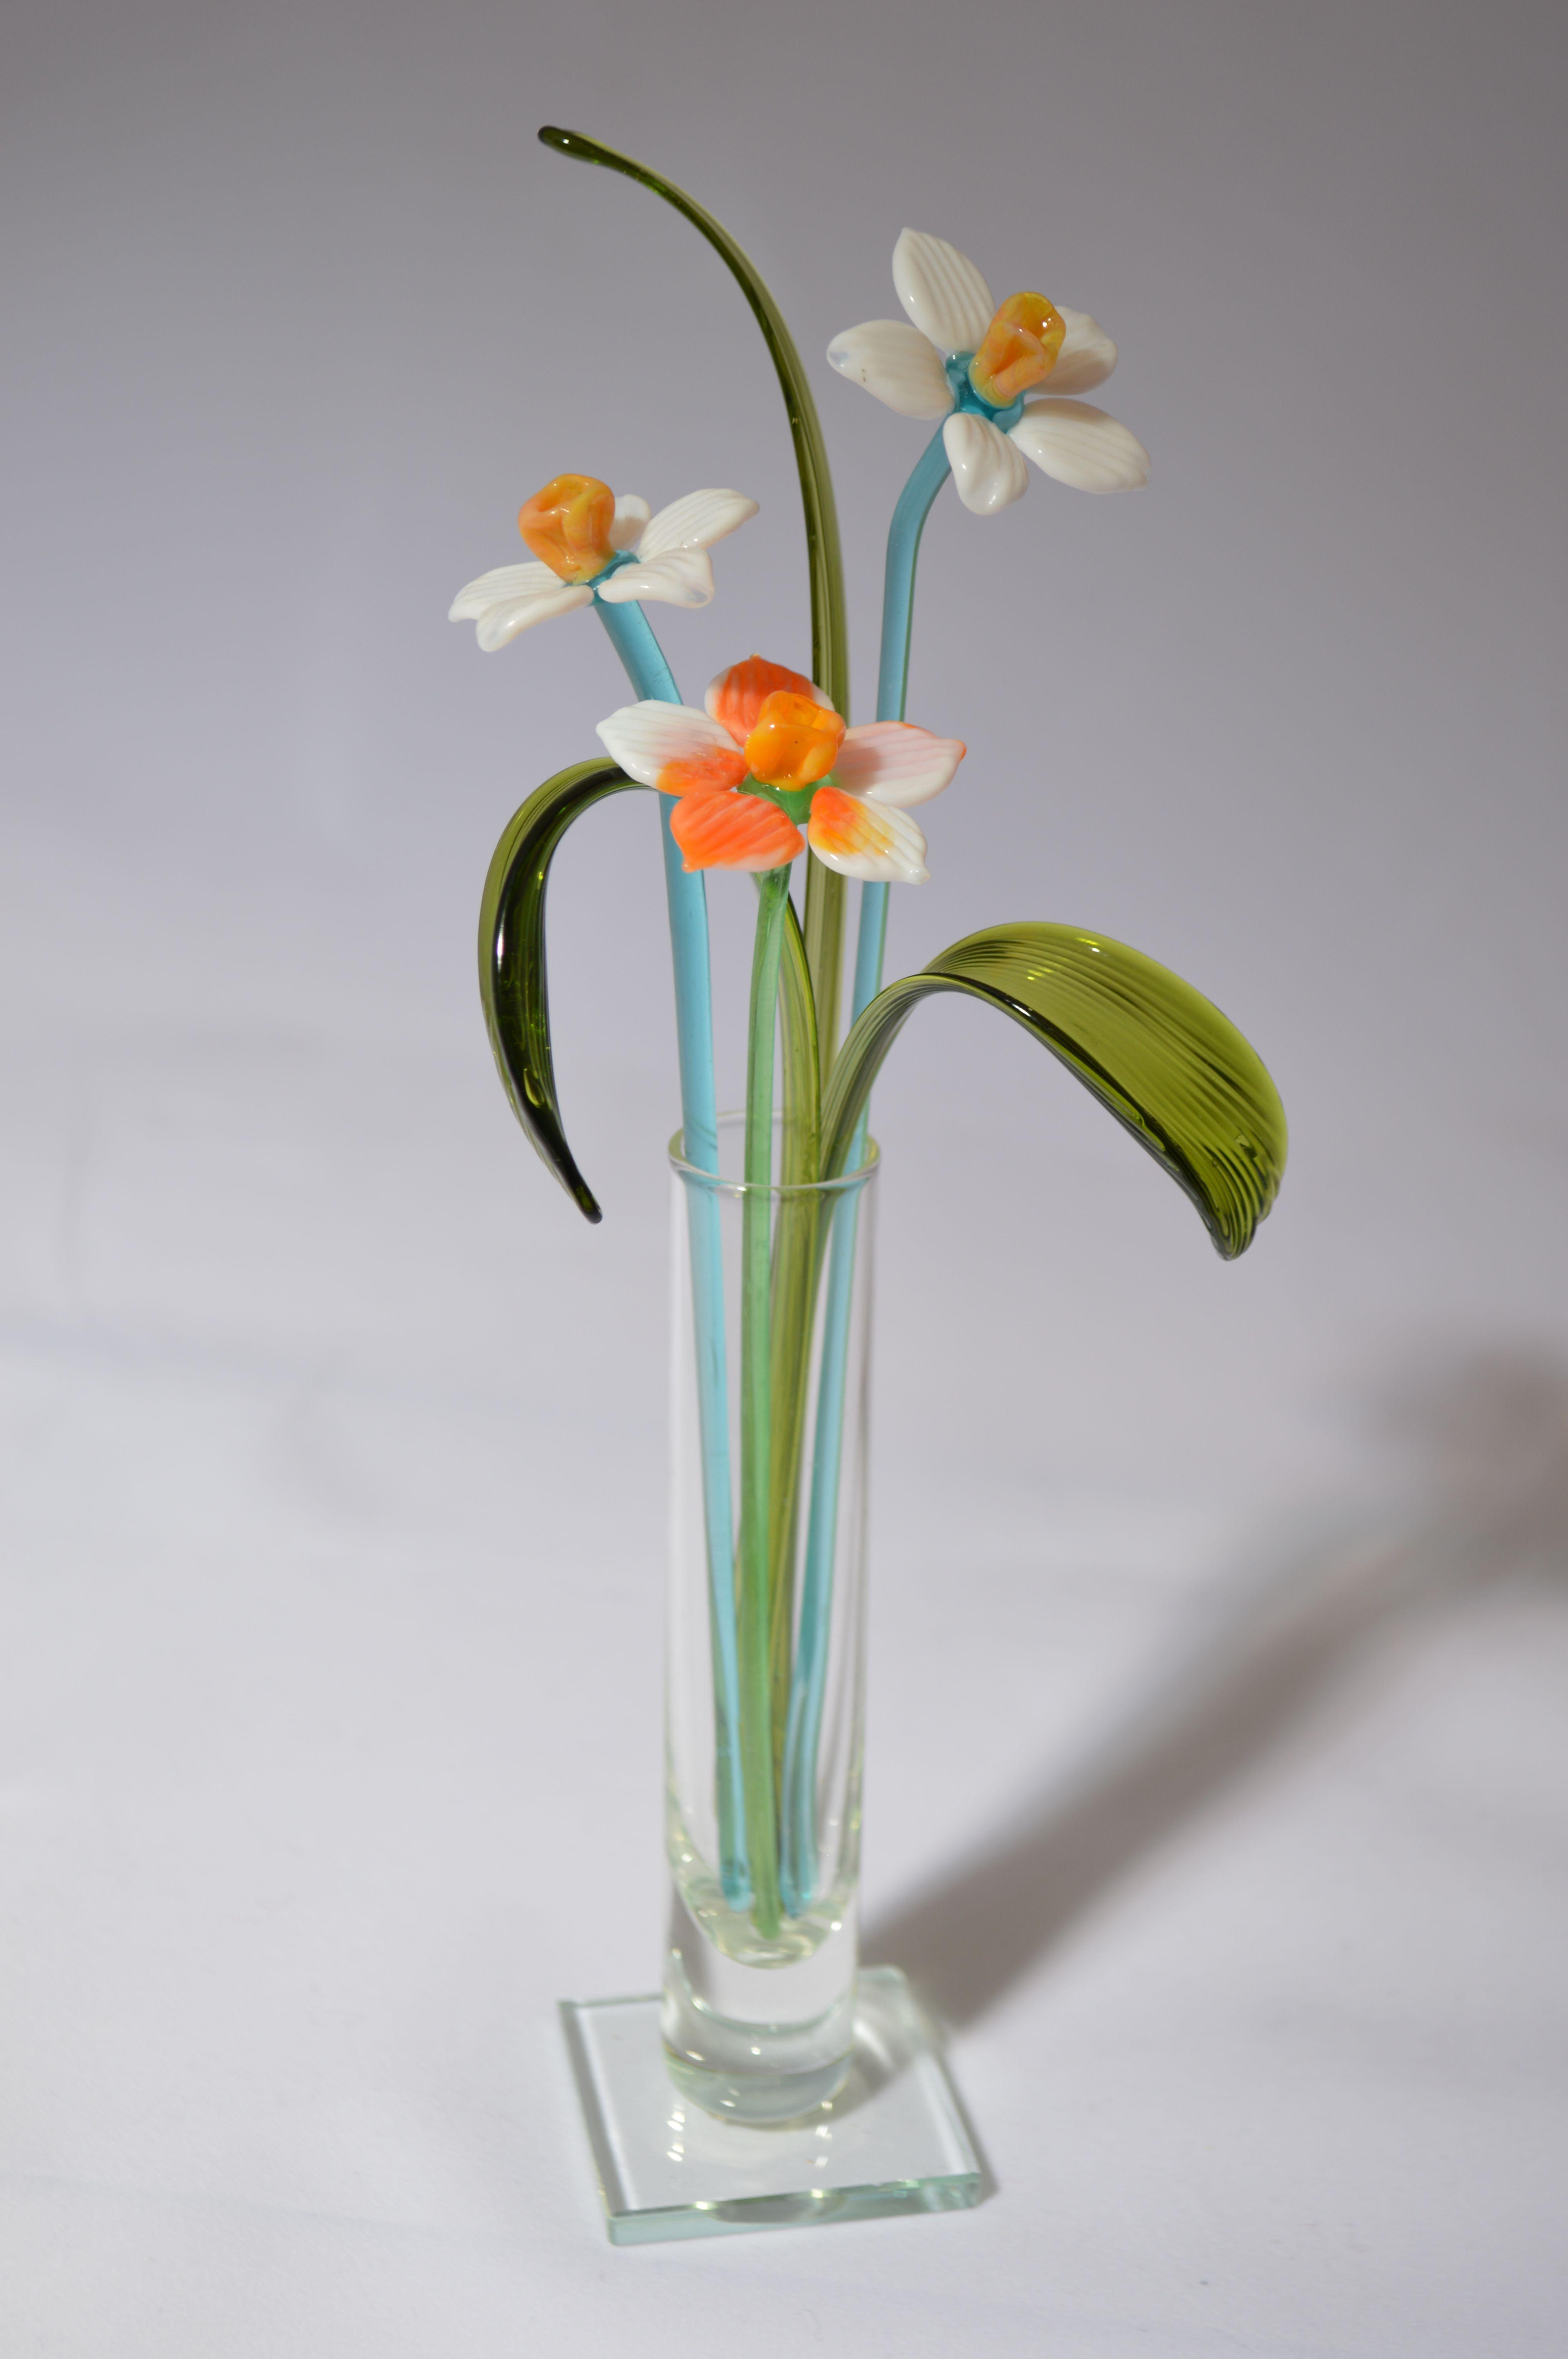 Букет из трех нарциссов в вазочке, цветное стекло от Ravta